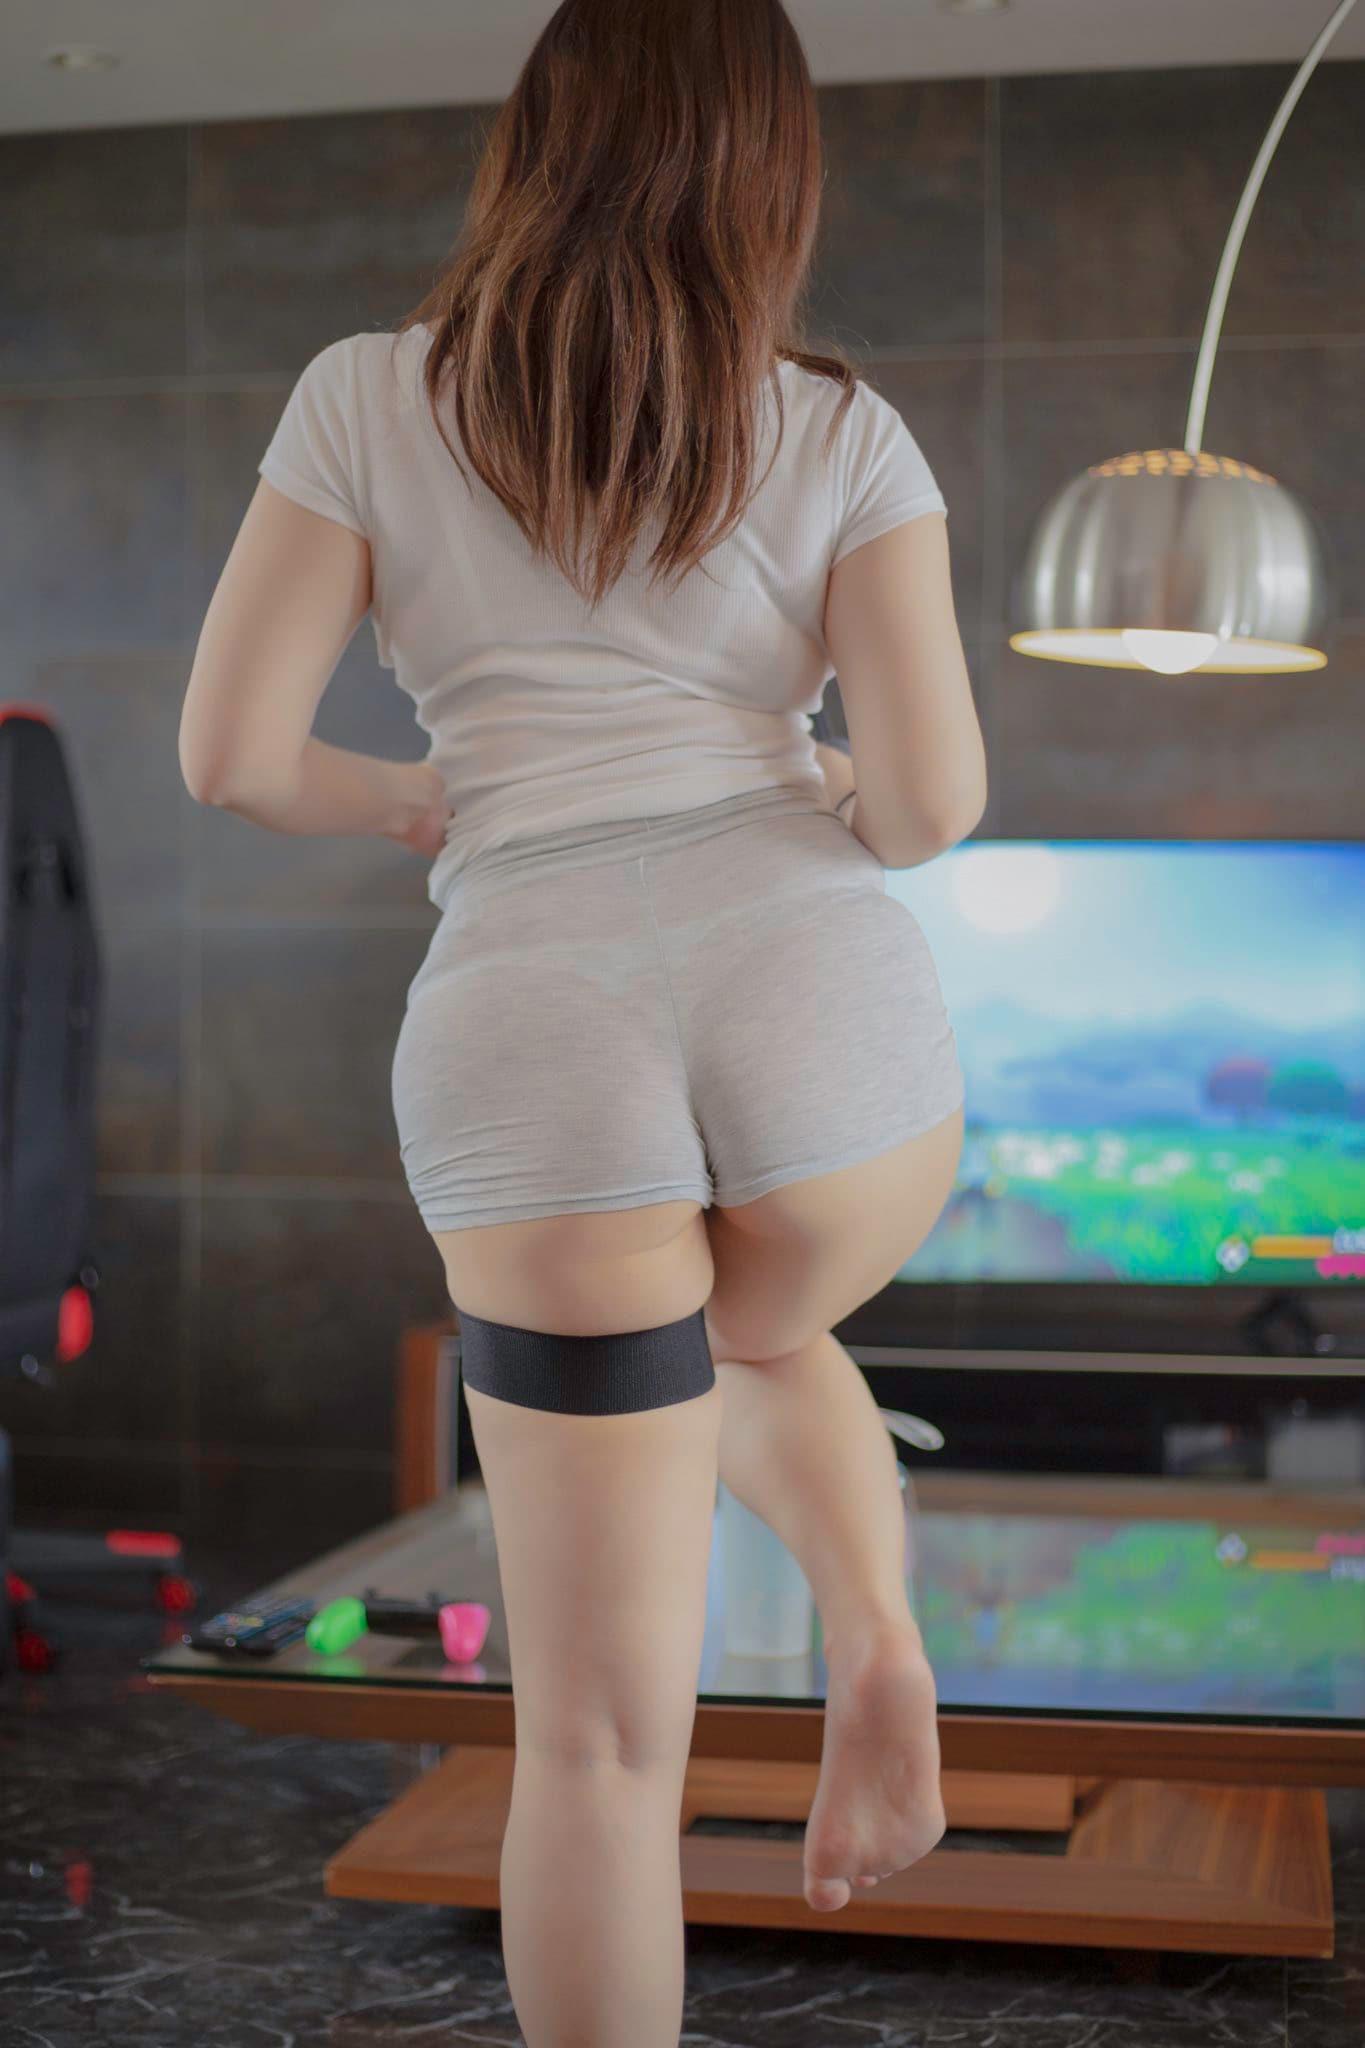 椎名煌「短パンからTバックがモロ透け」激しいフィットネスゲームで悶絶!【画像2枚】の画像001